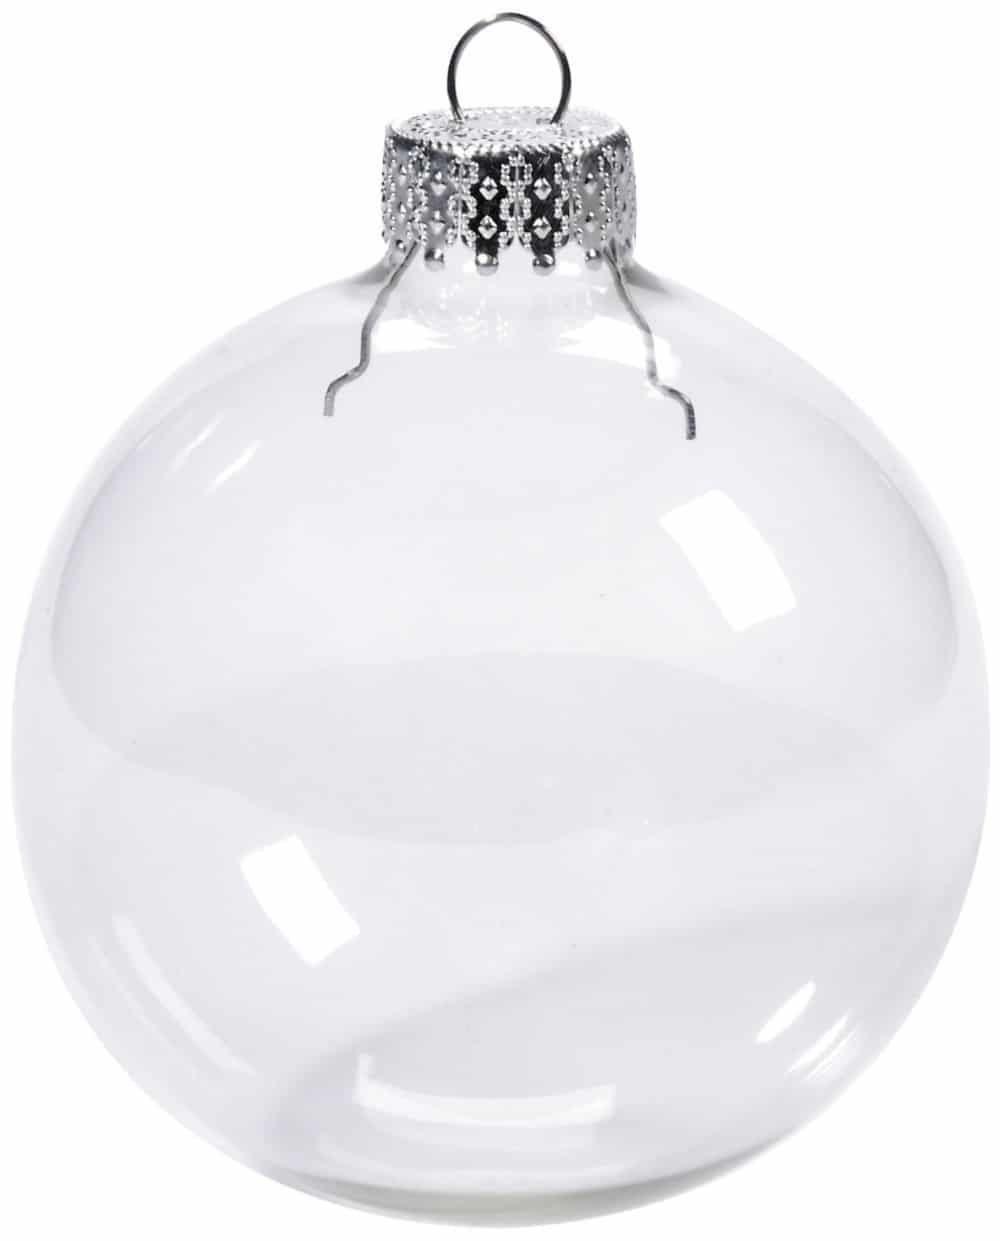 Bolas de navidad transparente con capuch n diy - Bolas navidad transparentes ...